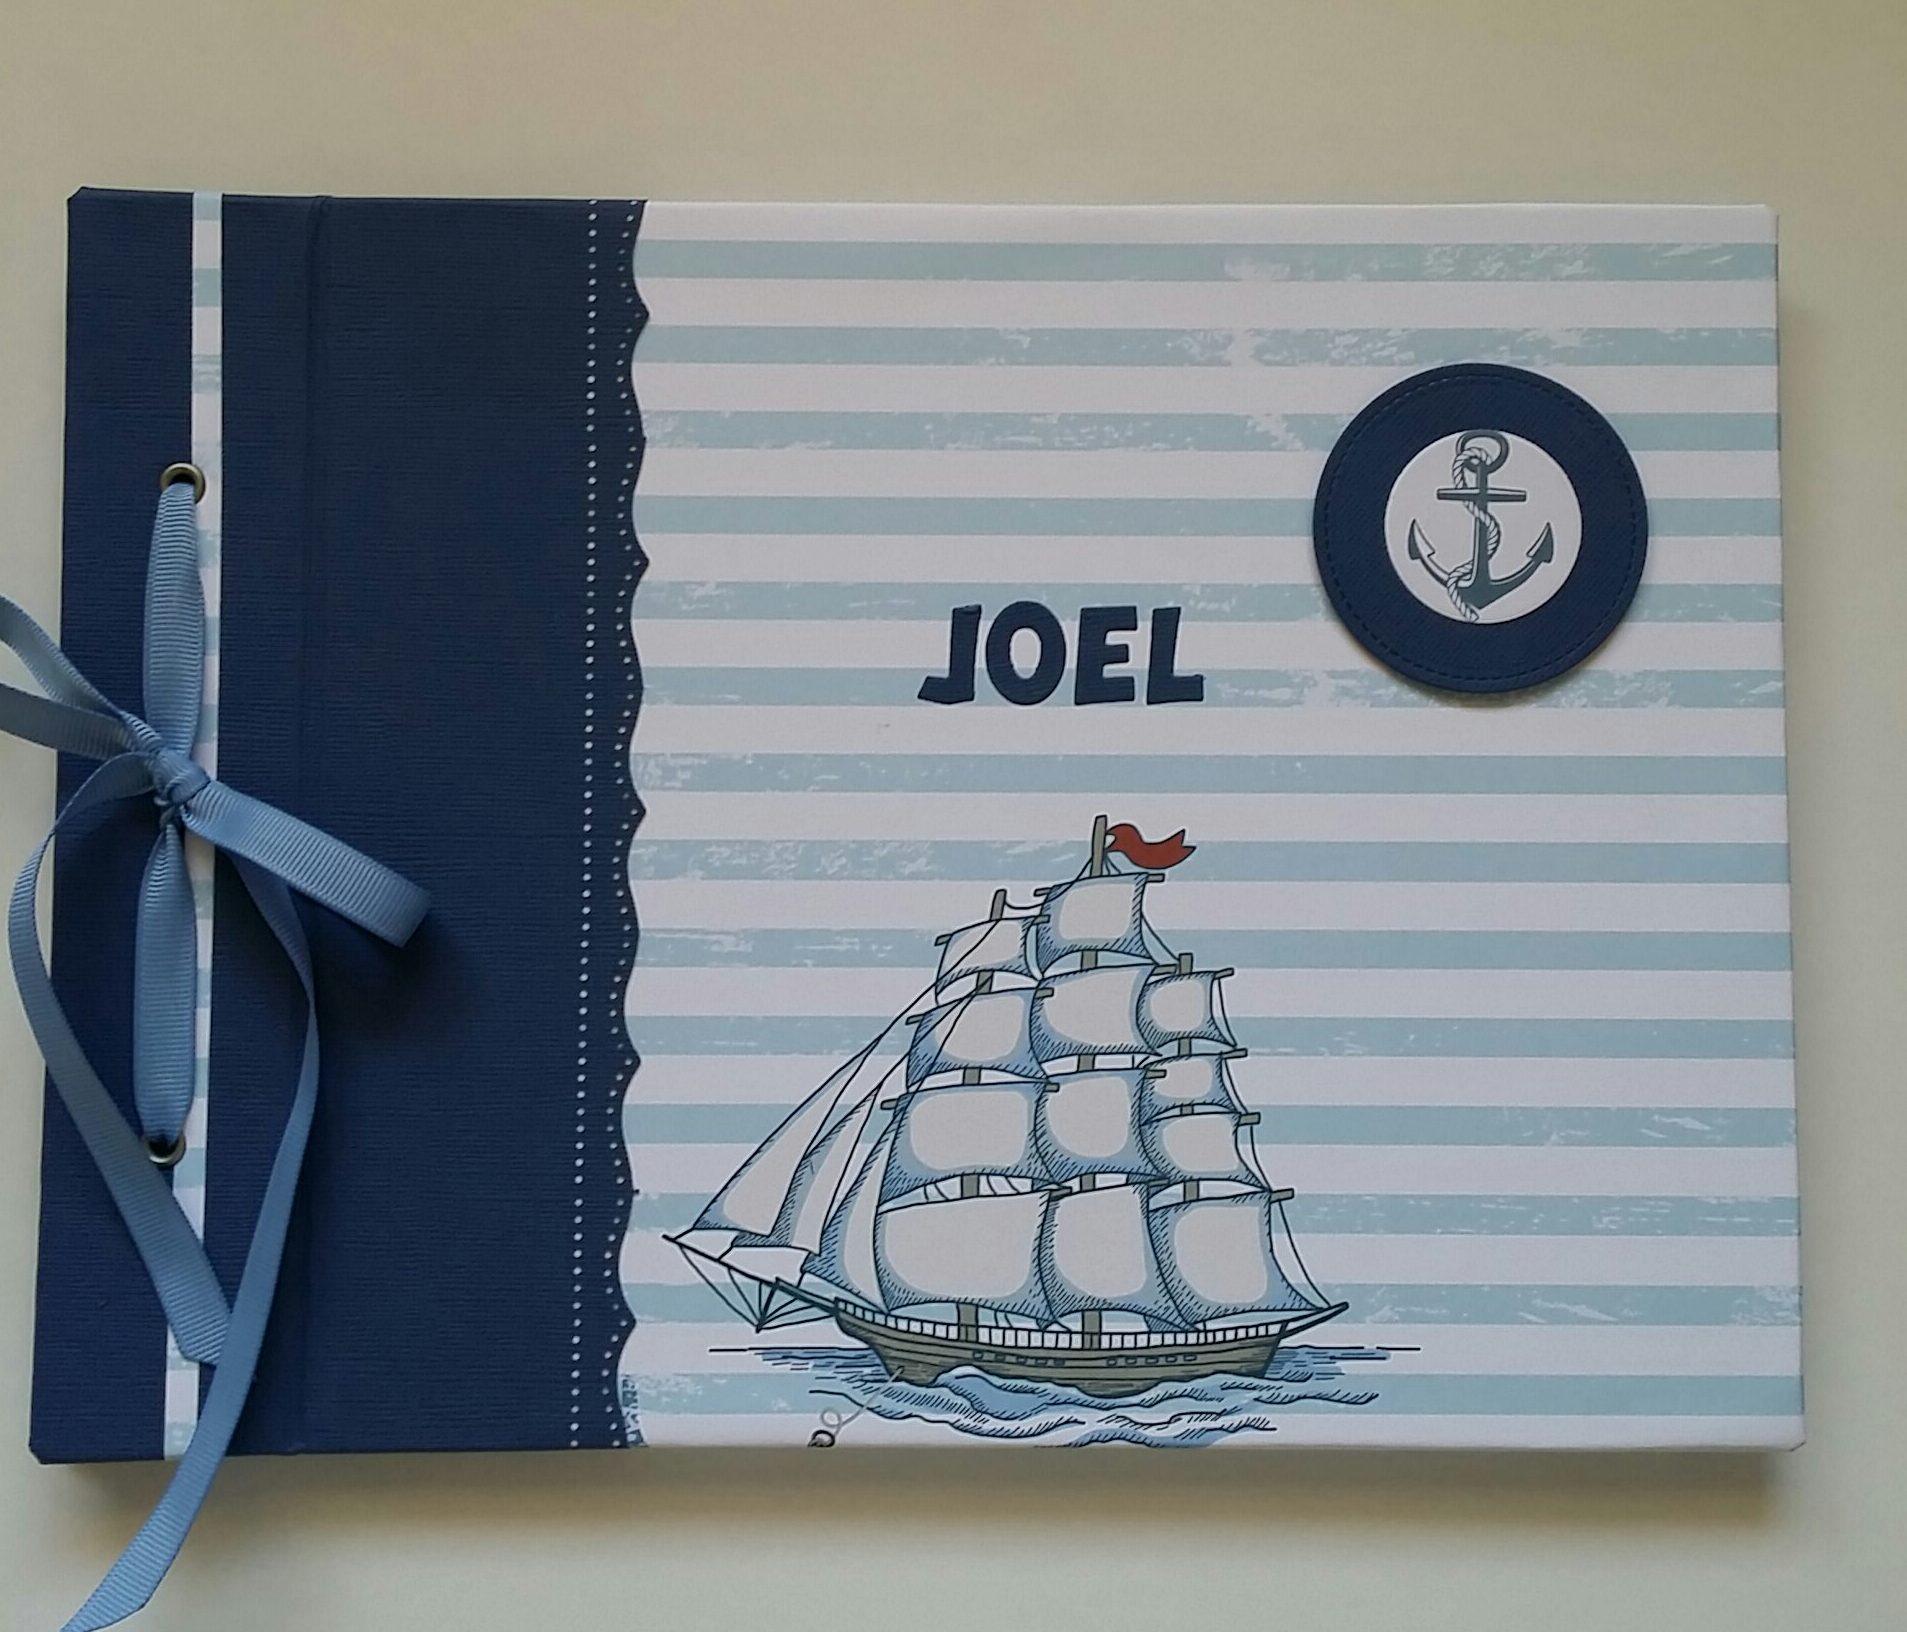 Libro de firmas de scrapbook para la comuni n de joel for Interior libro de firmas comunion